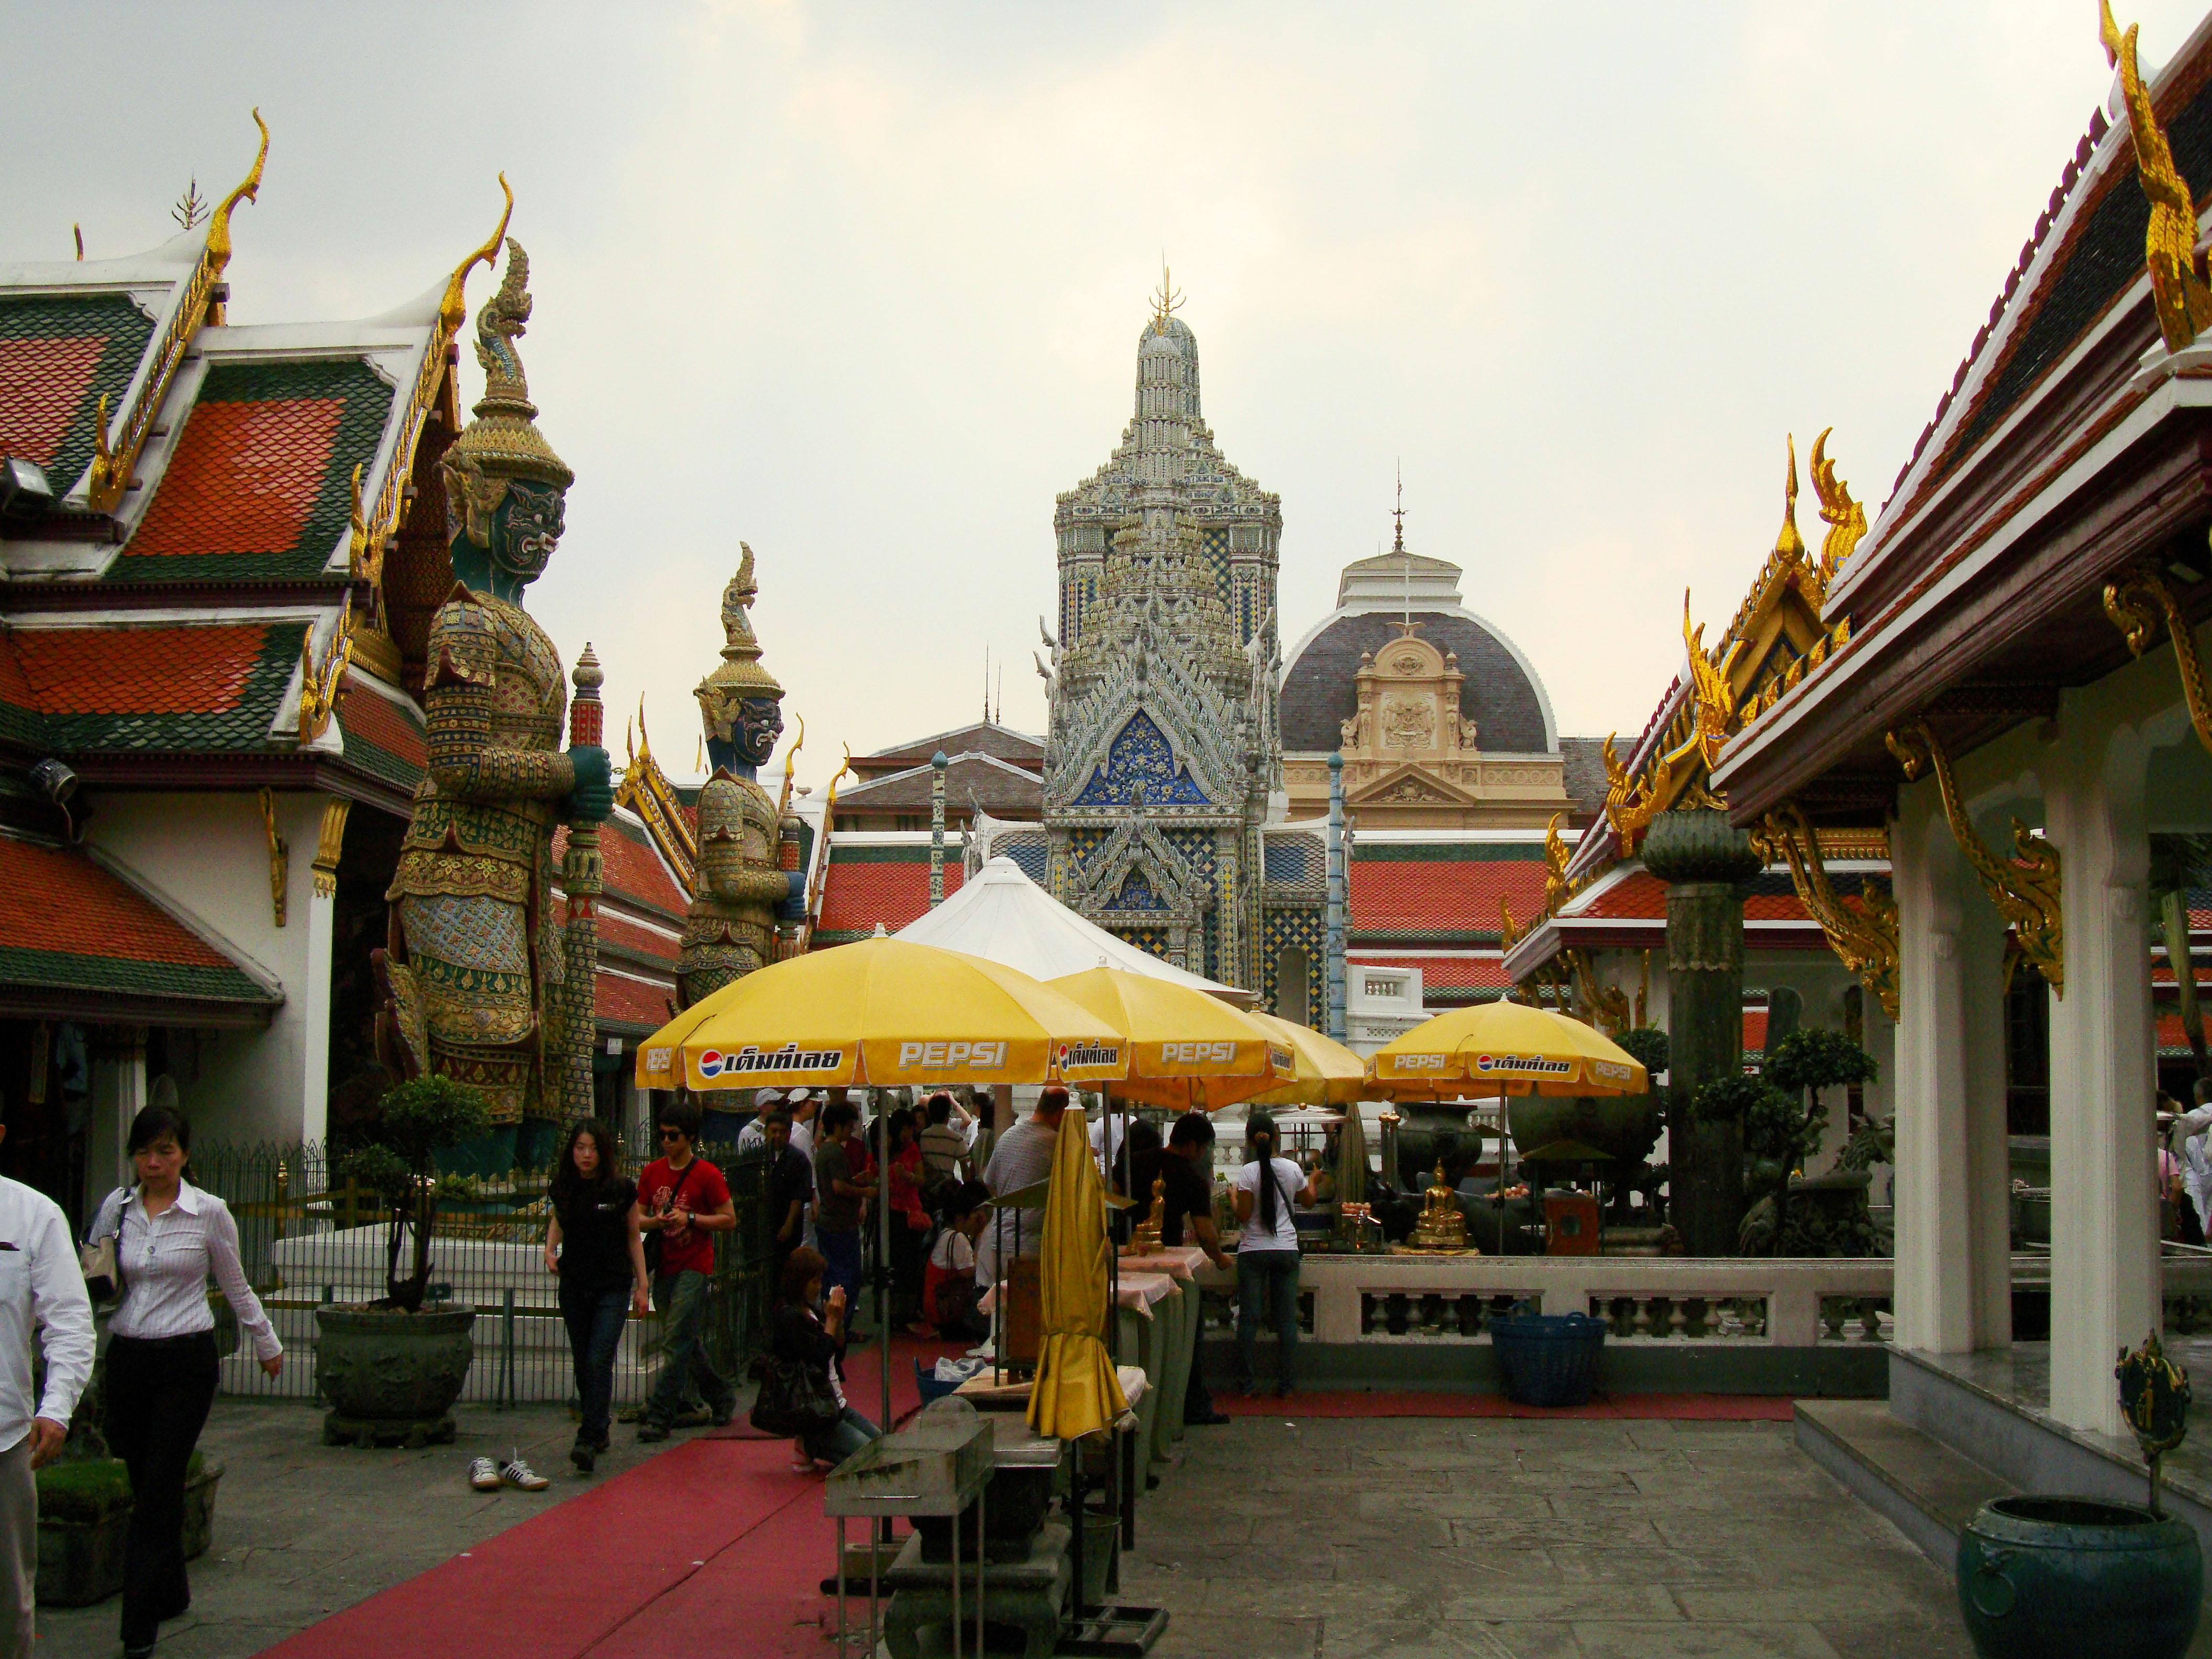 Grand Palace Phra Borom Maha Ratcha Wang Bangkok Thailand 40